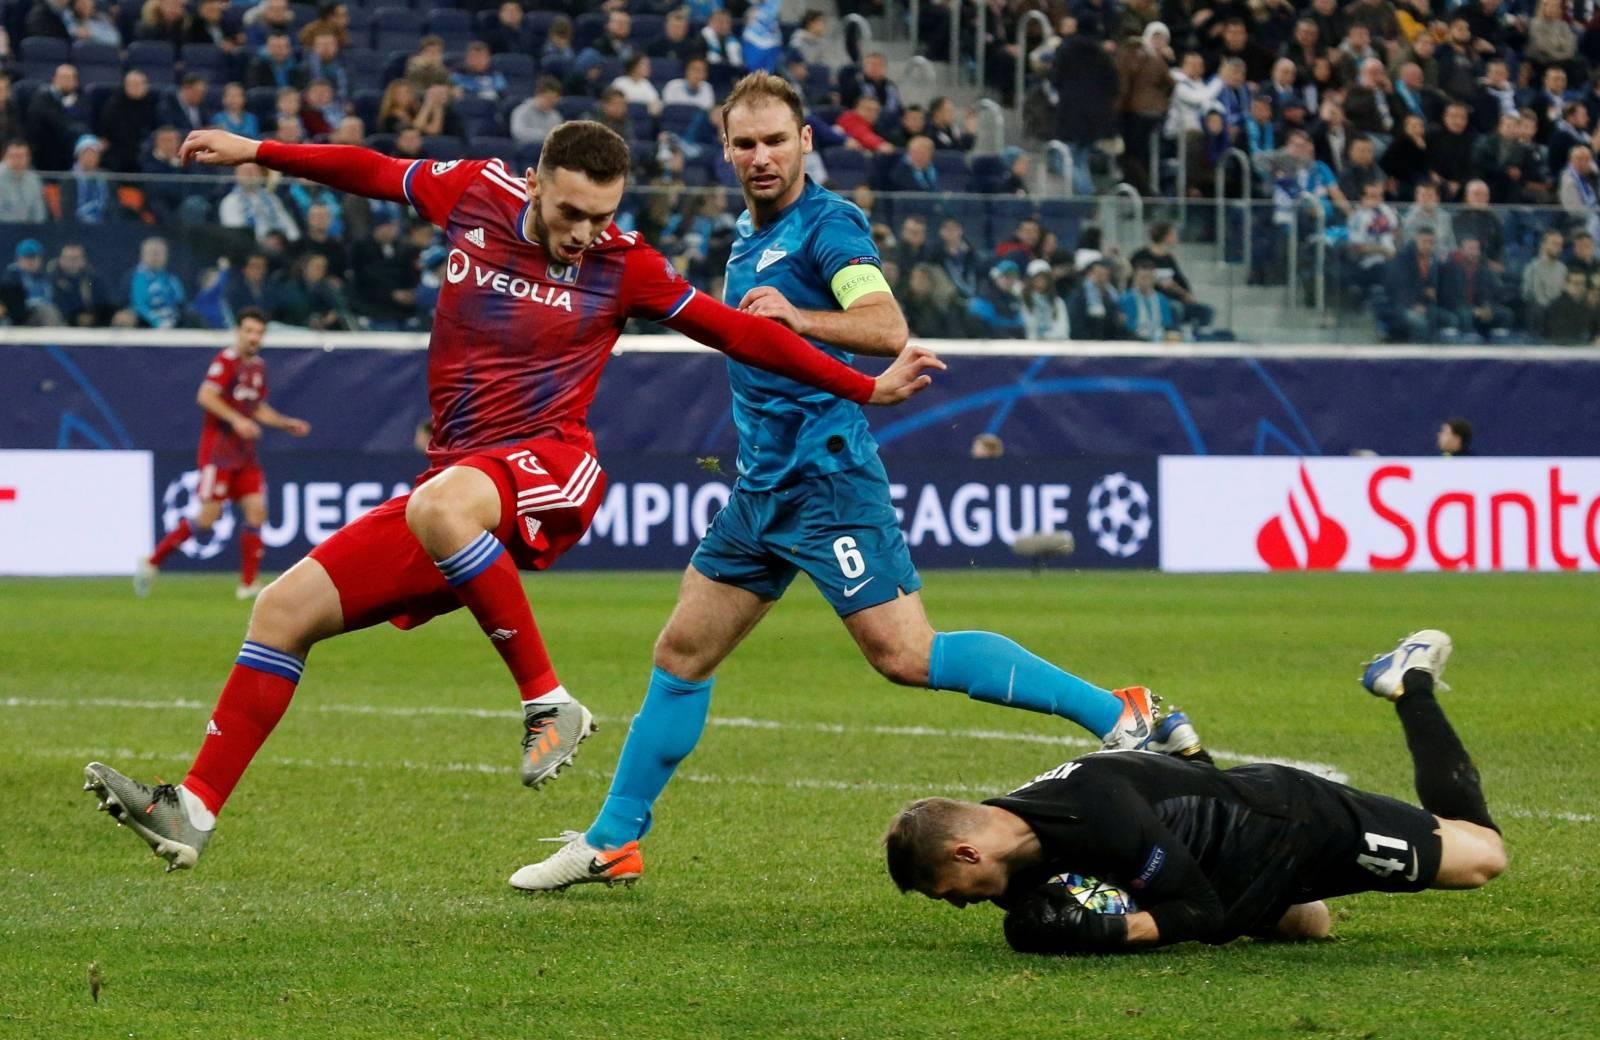 Champions League - Group G - Zenit Saint Petersburg v Olympique Lyonnais